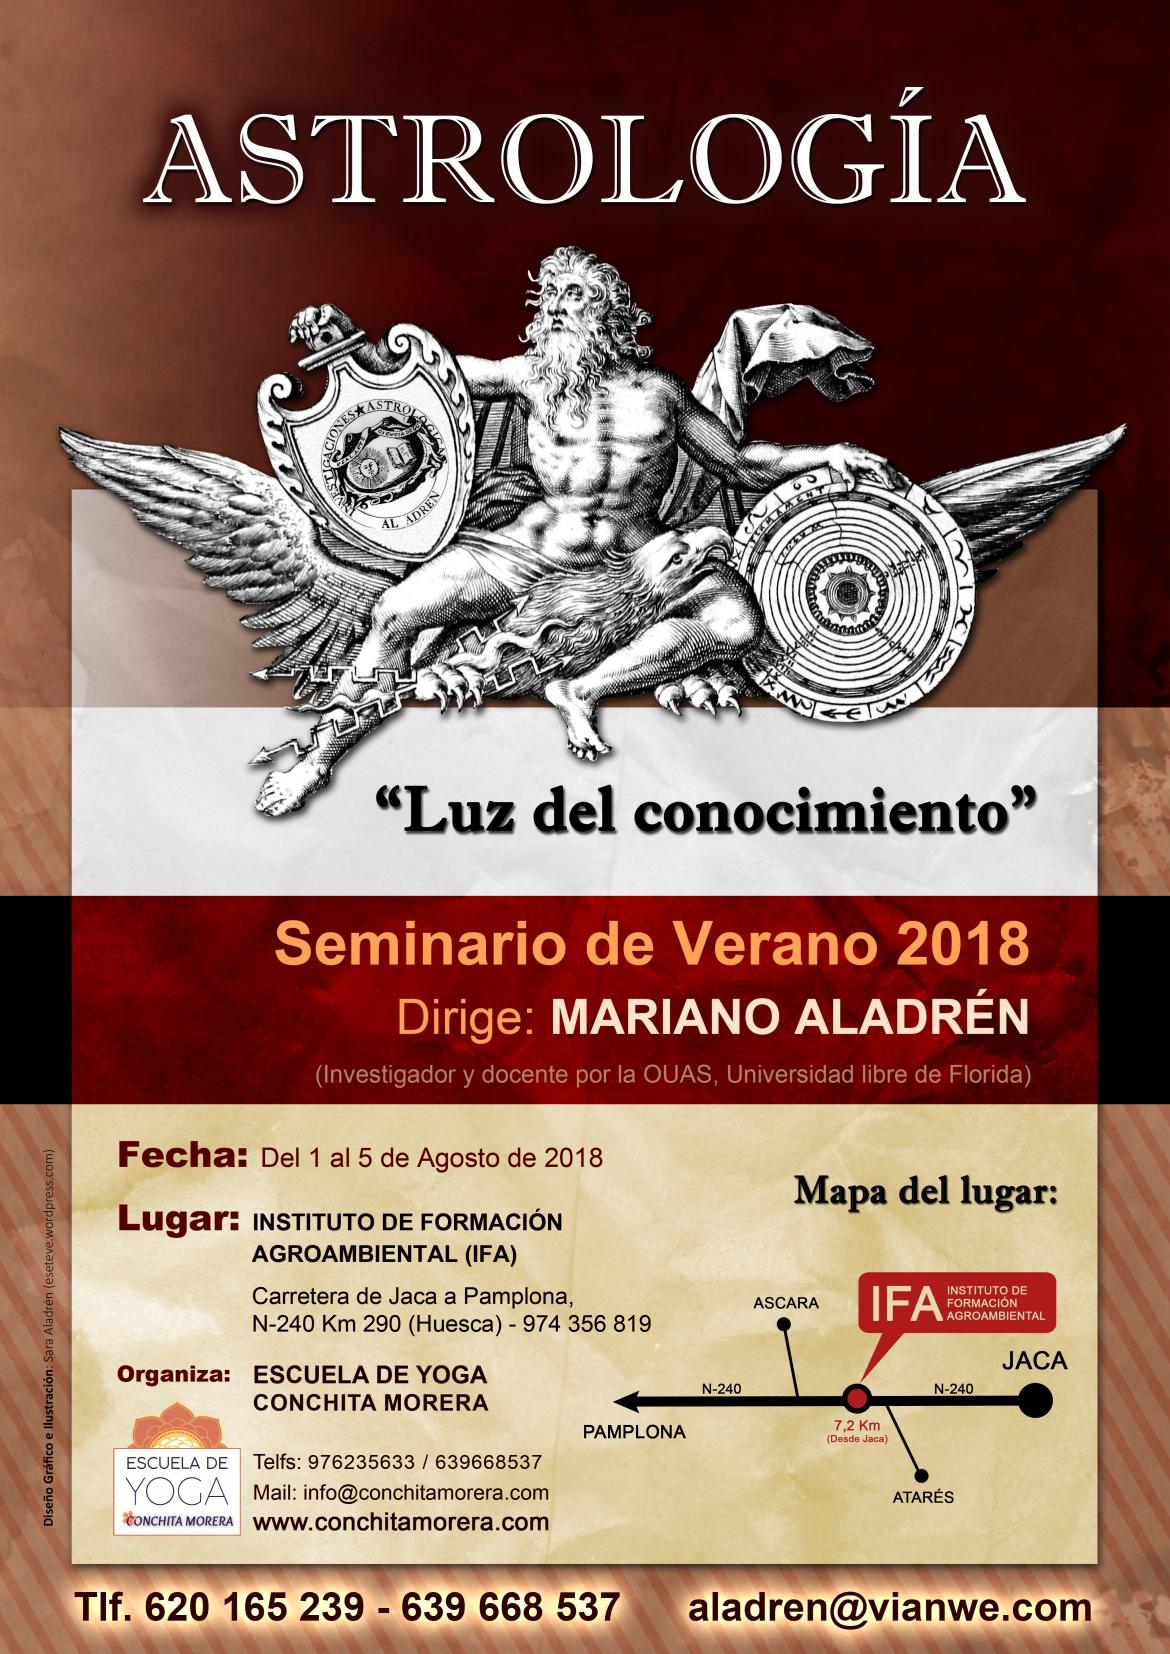 Cartel SEMINARIO DE VERANO - Astrologia Clásica con Mariano Aladrén